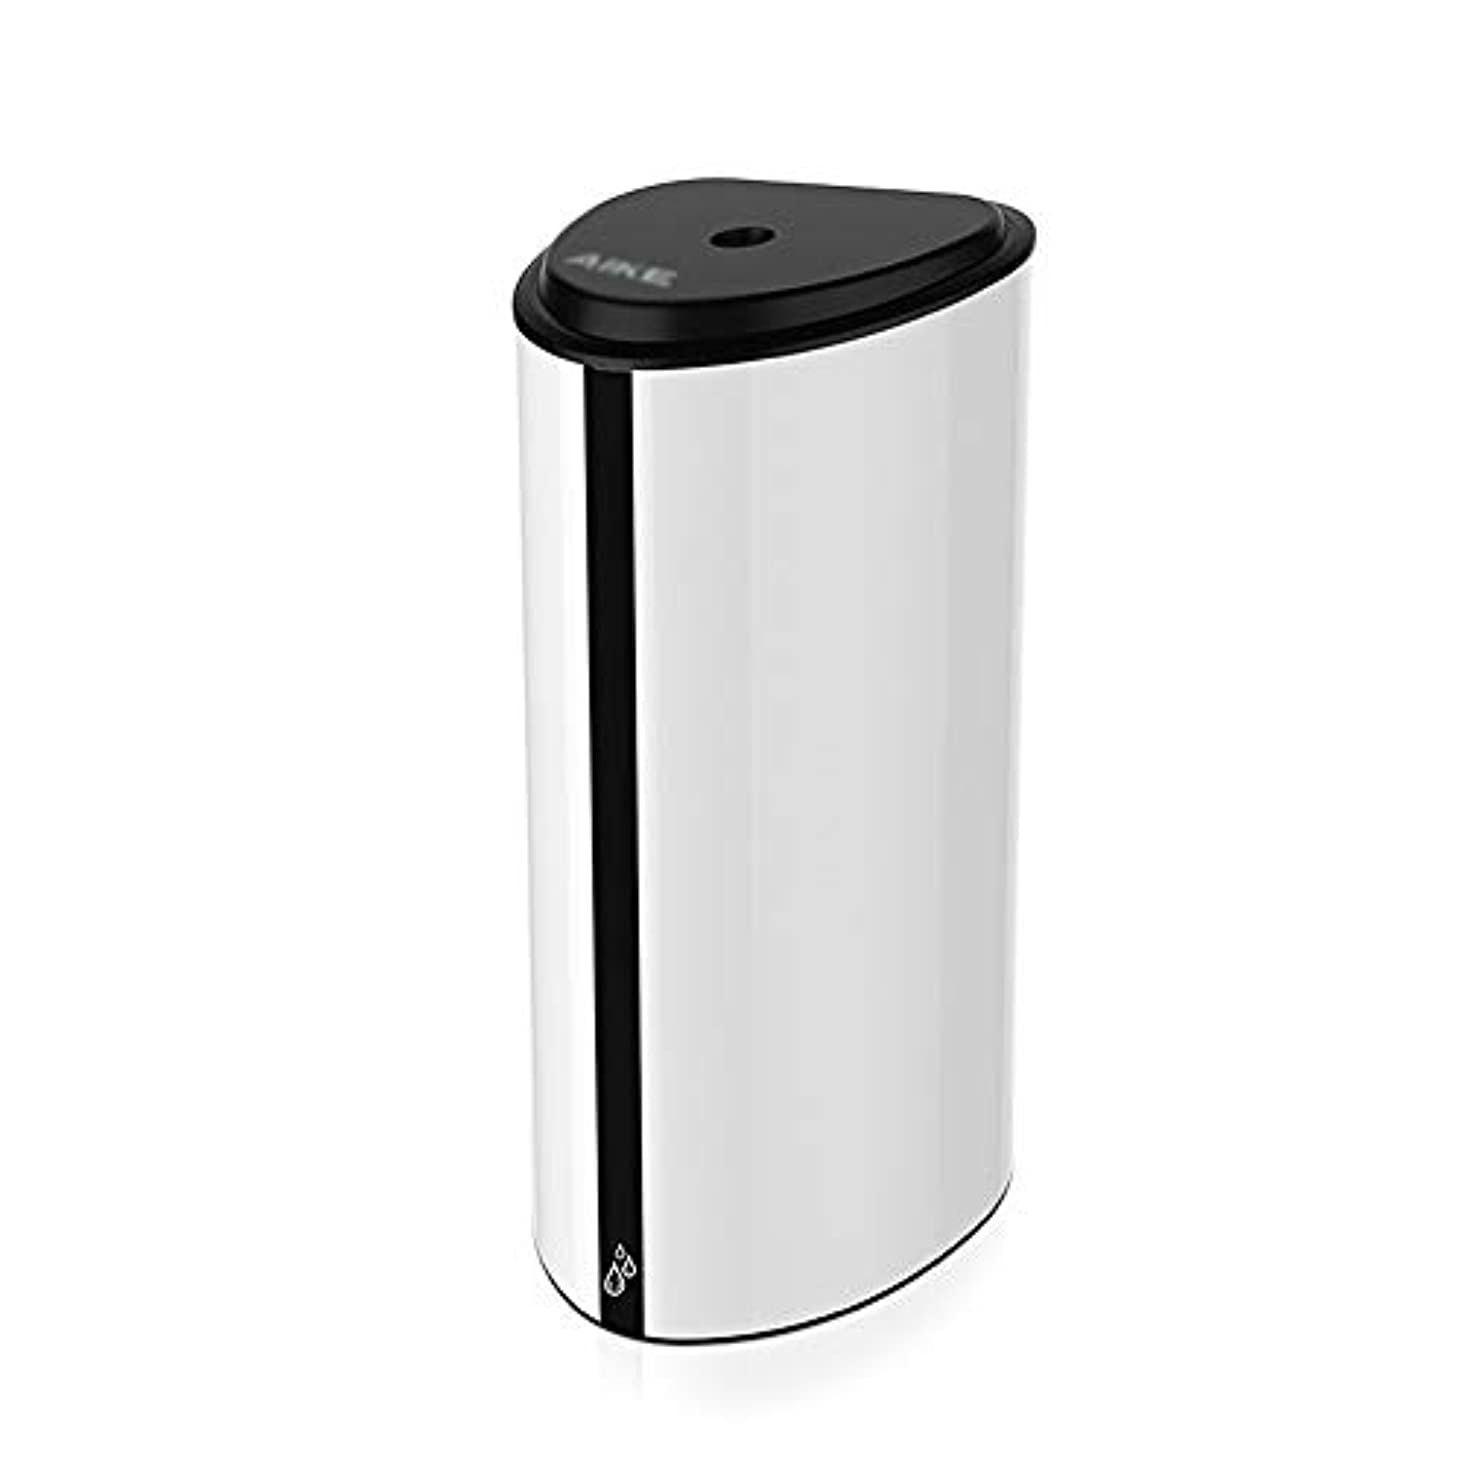 のれんスツールマーベルソープディスペンサー 800ミリリットル容量の自動ソープディスペンサーは、タッチレスバッテリーは、ハンズフリーソープディスペンサーを運営しました ハンドソープ 食器用洗剤 キッチン 洗面所などに適用 (Color : White...